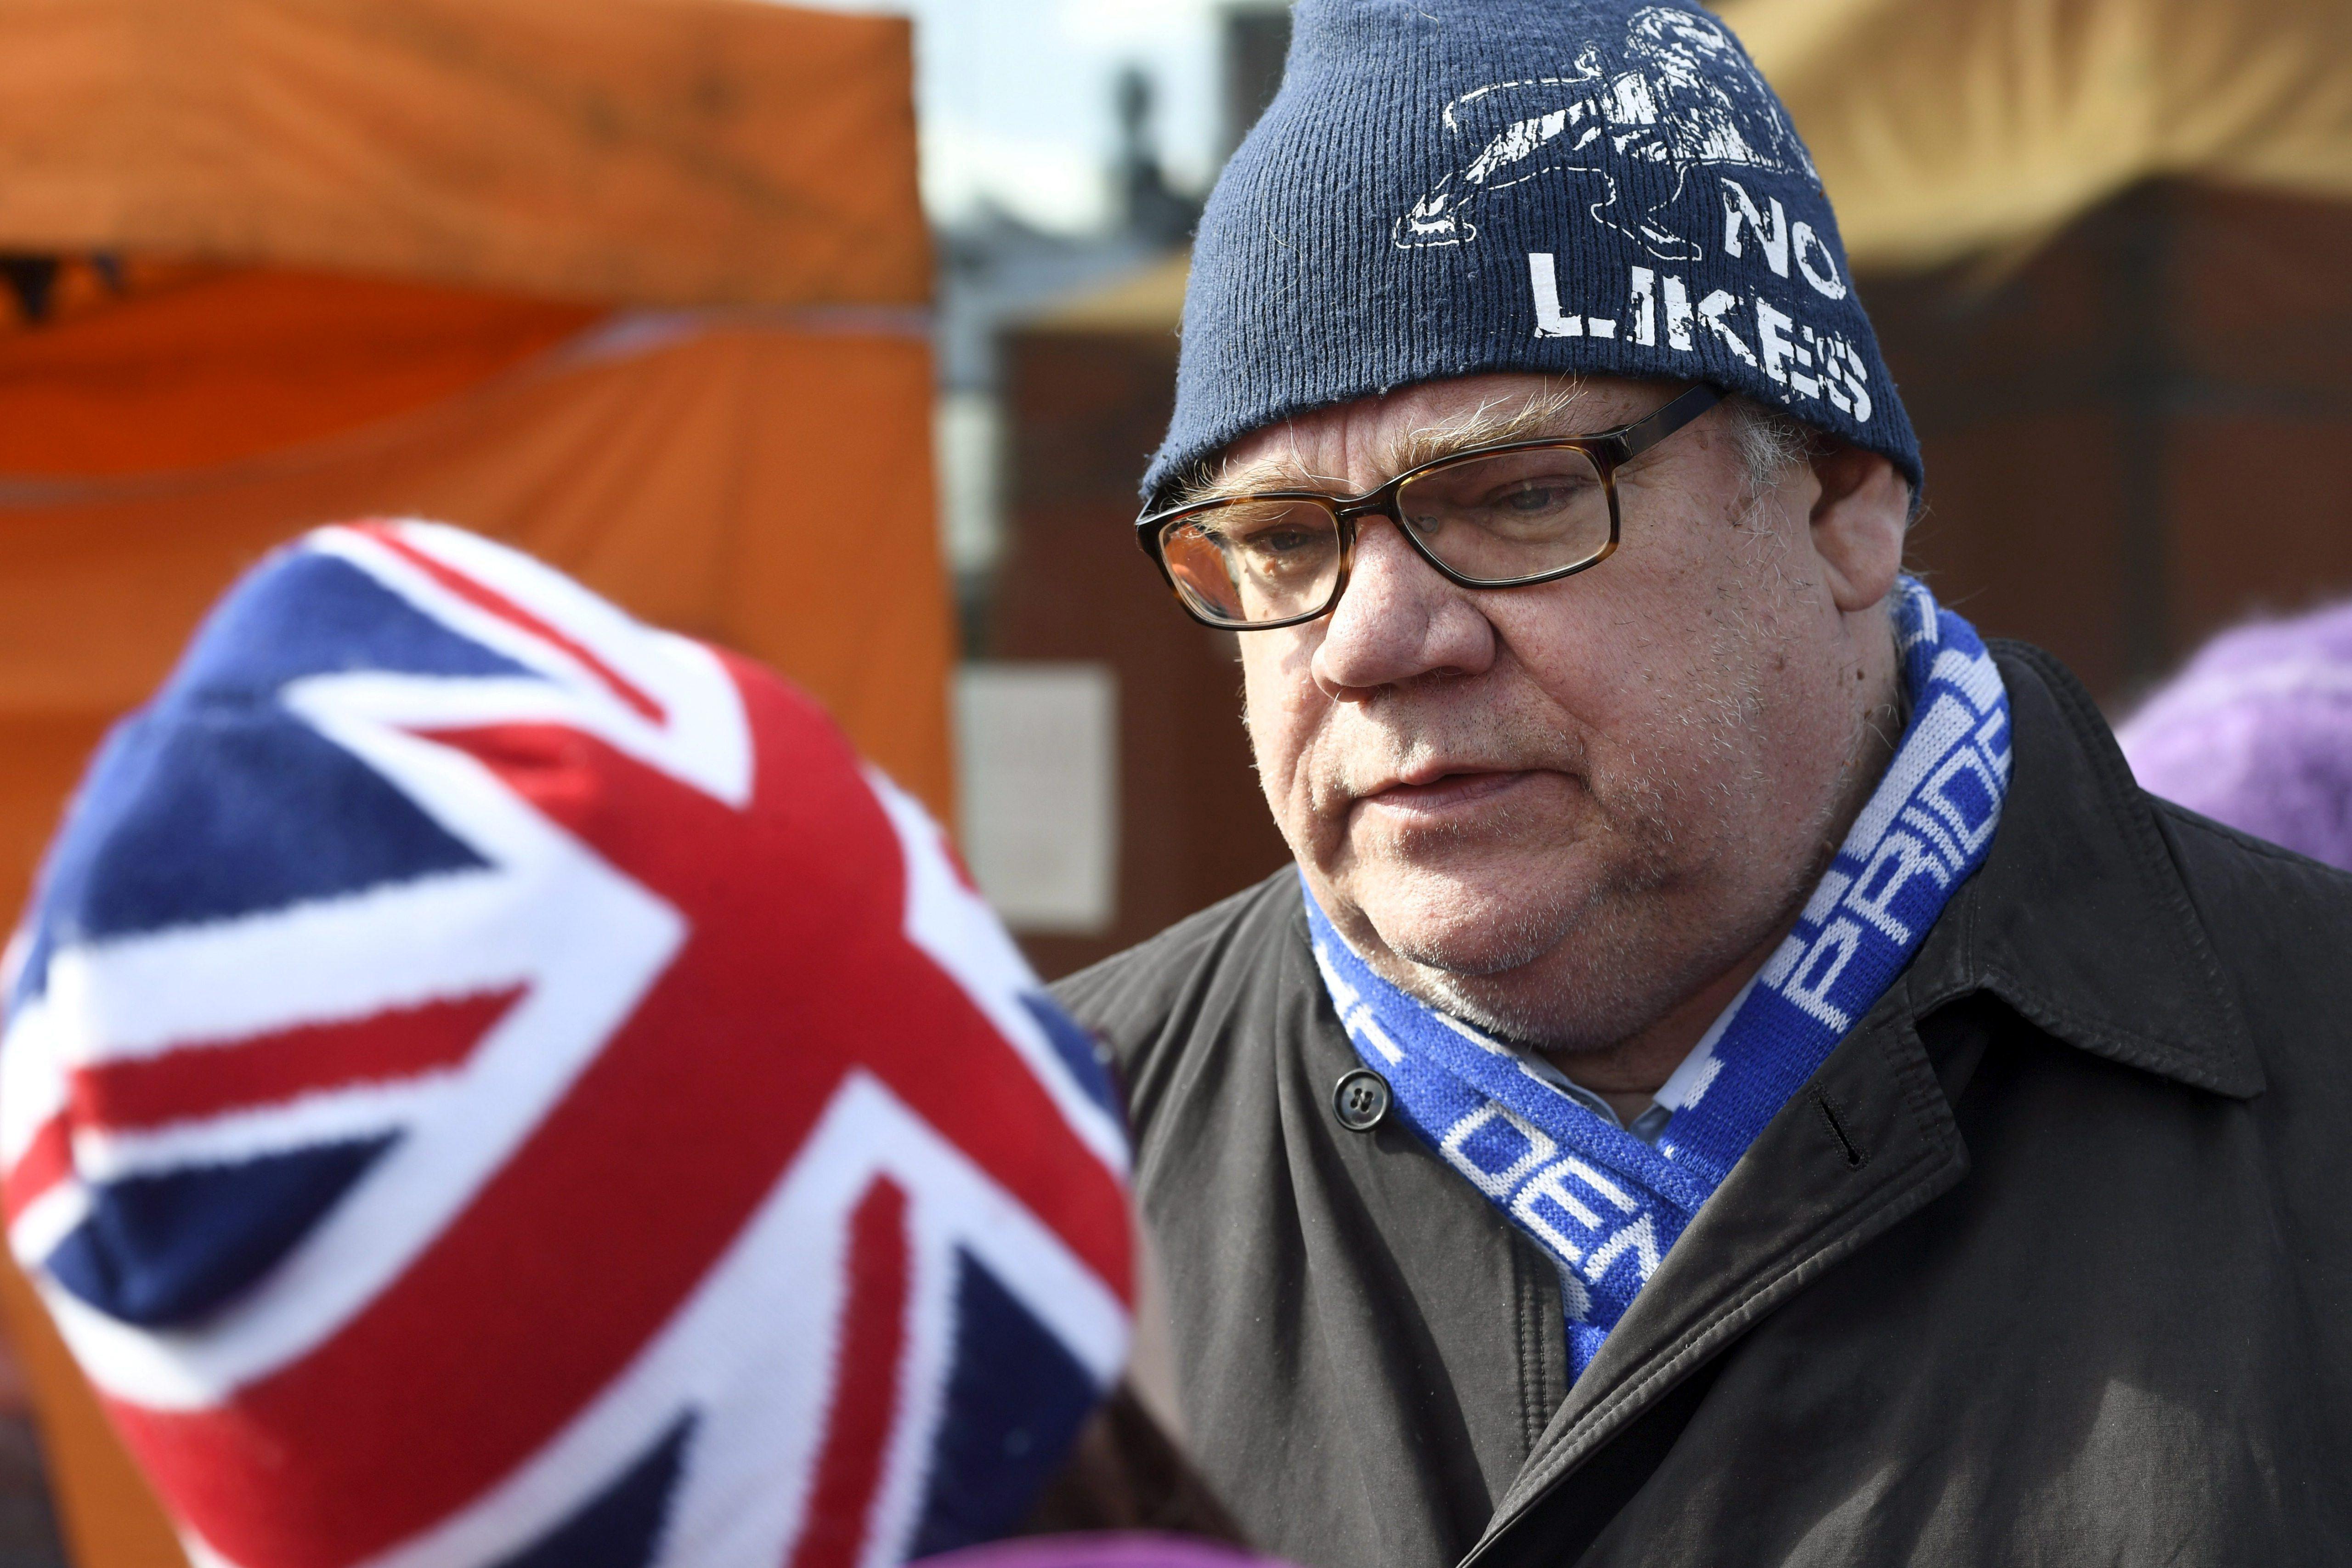 MNE finlandês sai ileso de tentativa de agressão durante campanha